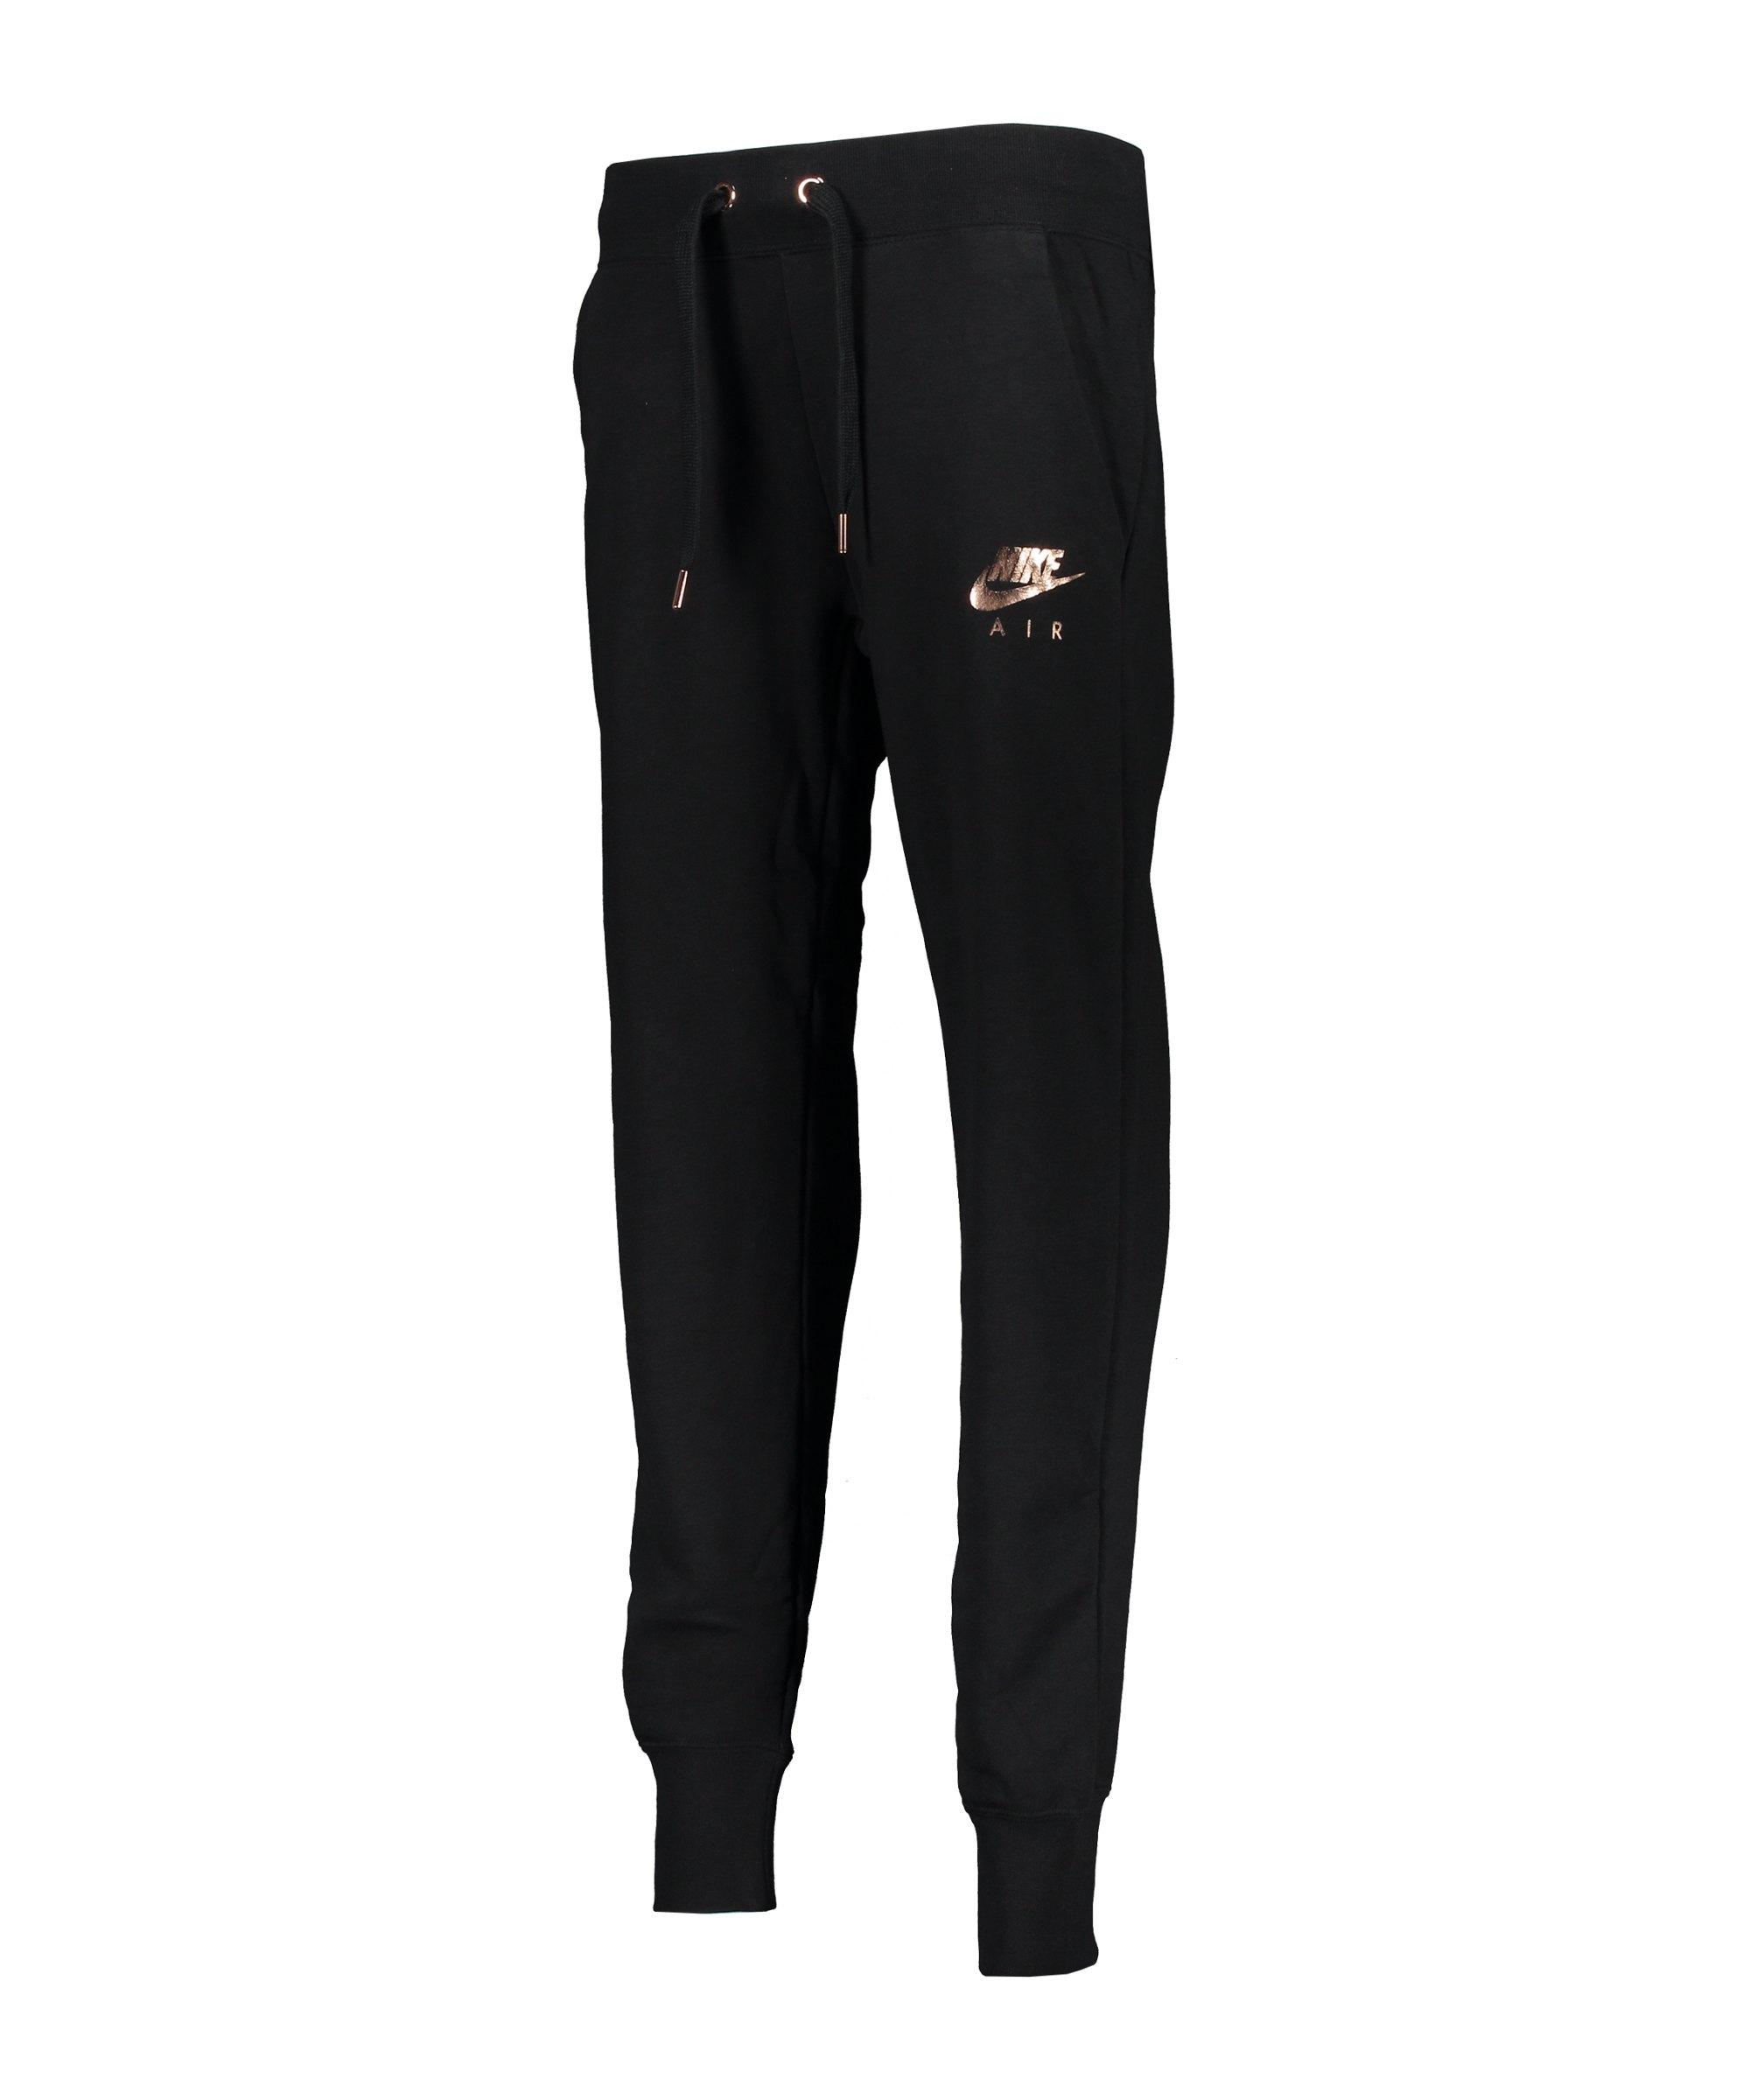 Nike Air Jogginghose Damen Schwarz F010 - schwarz